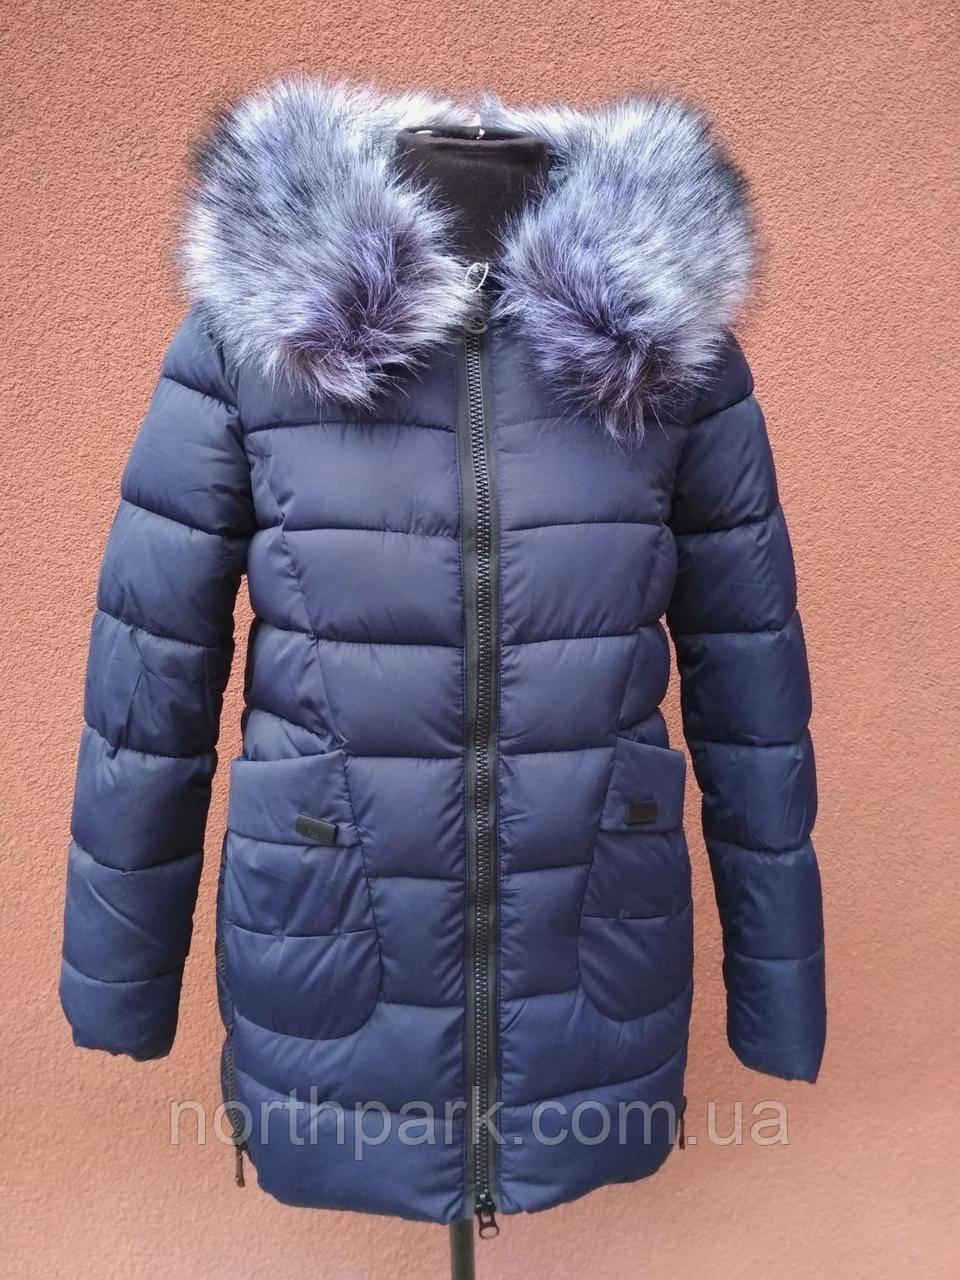 Зимова подовжена куртка Garoff, темно-синя, розмір XL